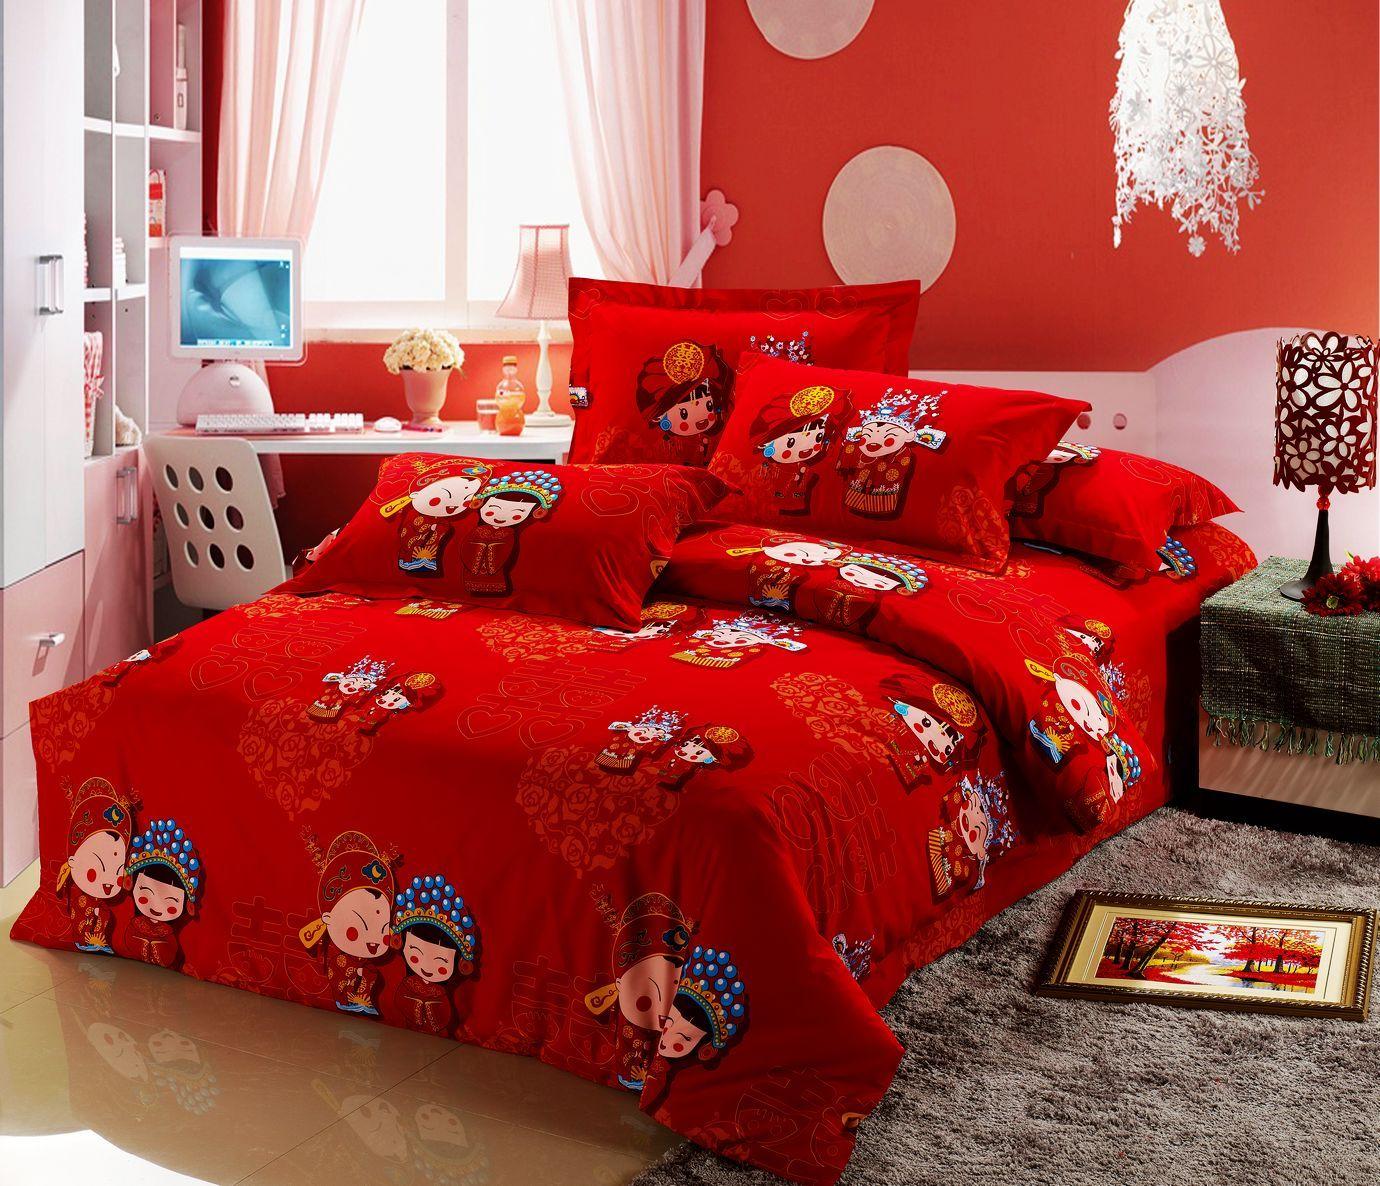 家纺全棉加厚磨毛四件套婚庆床上用品红色结婚床上四件套纯棉特价